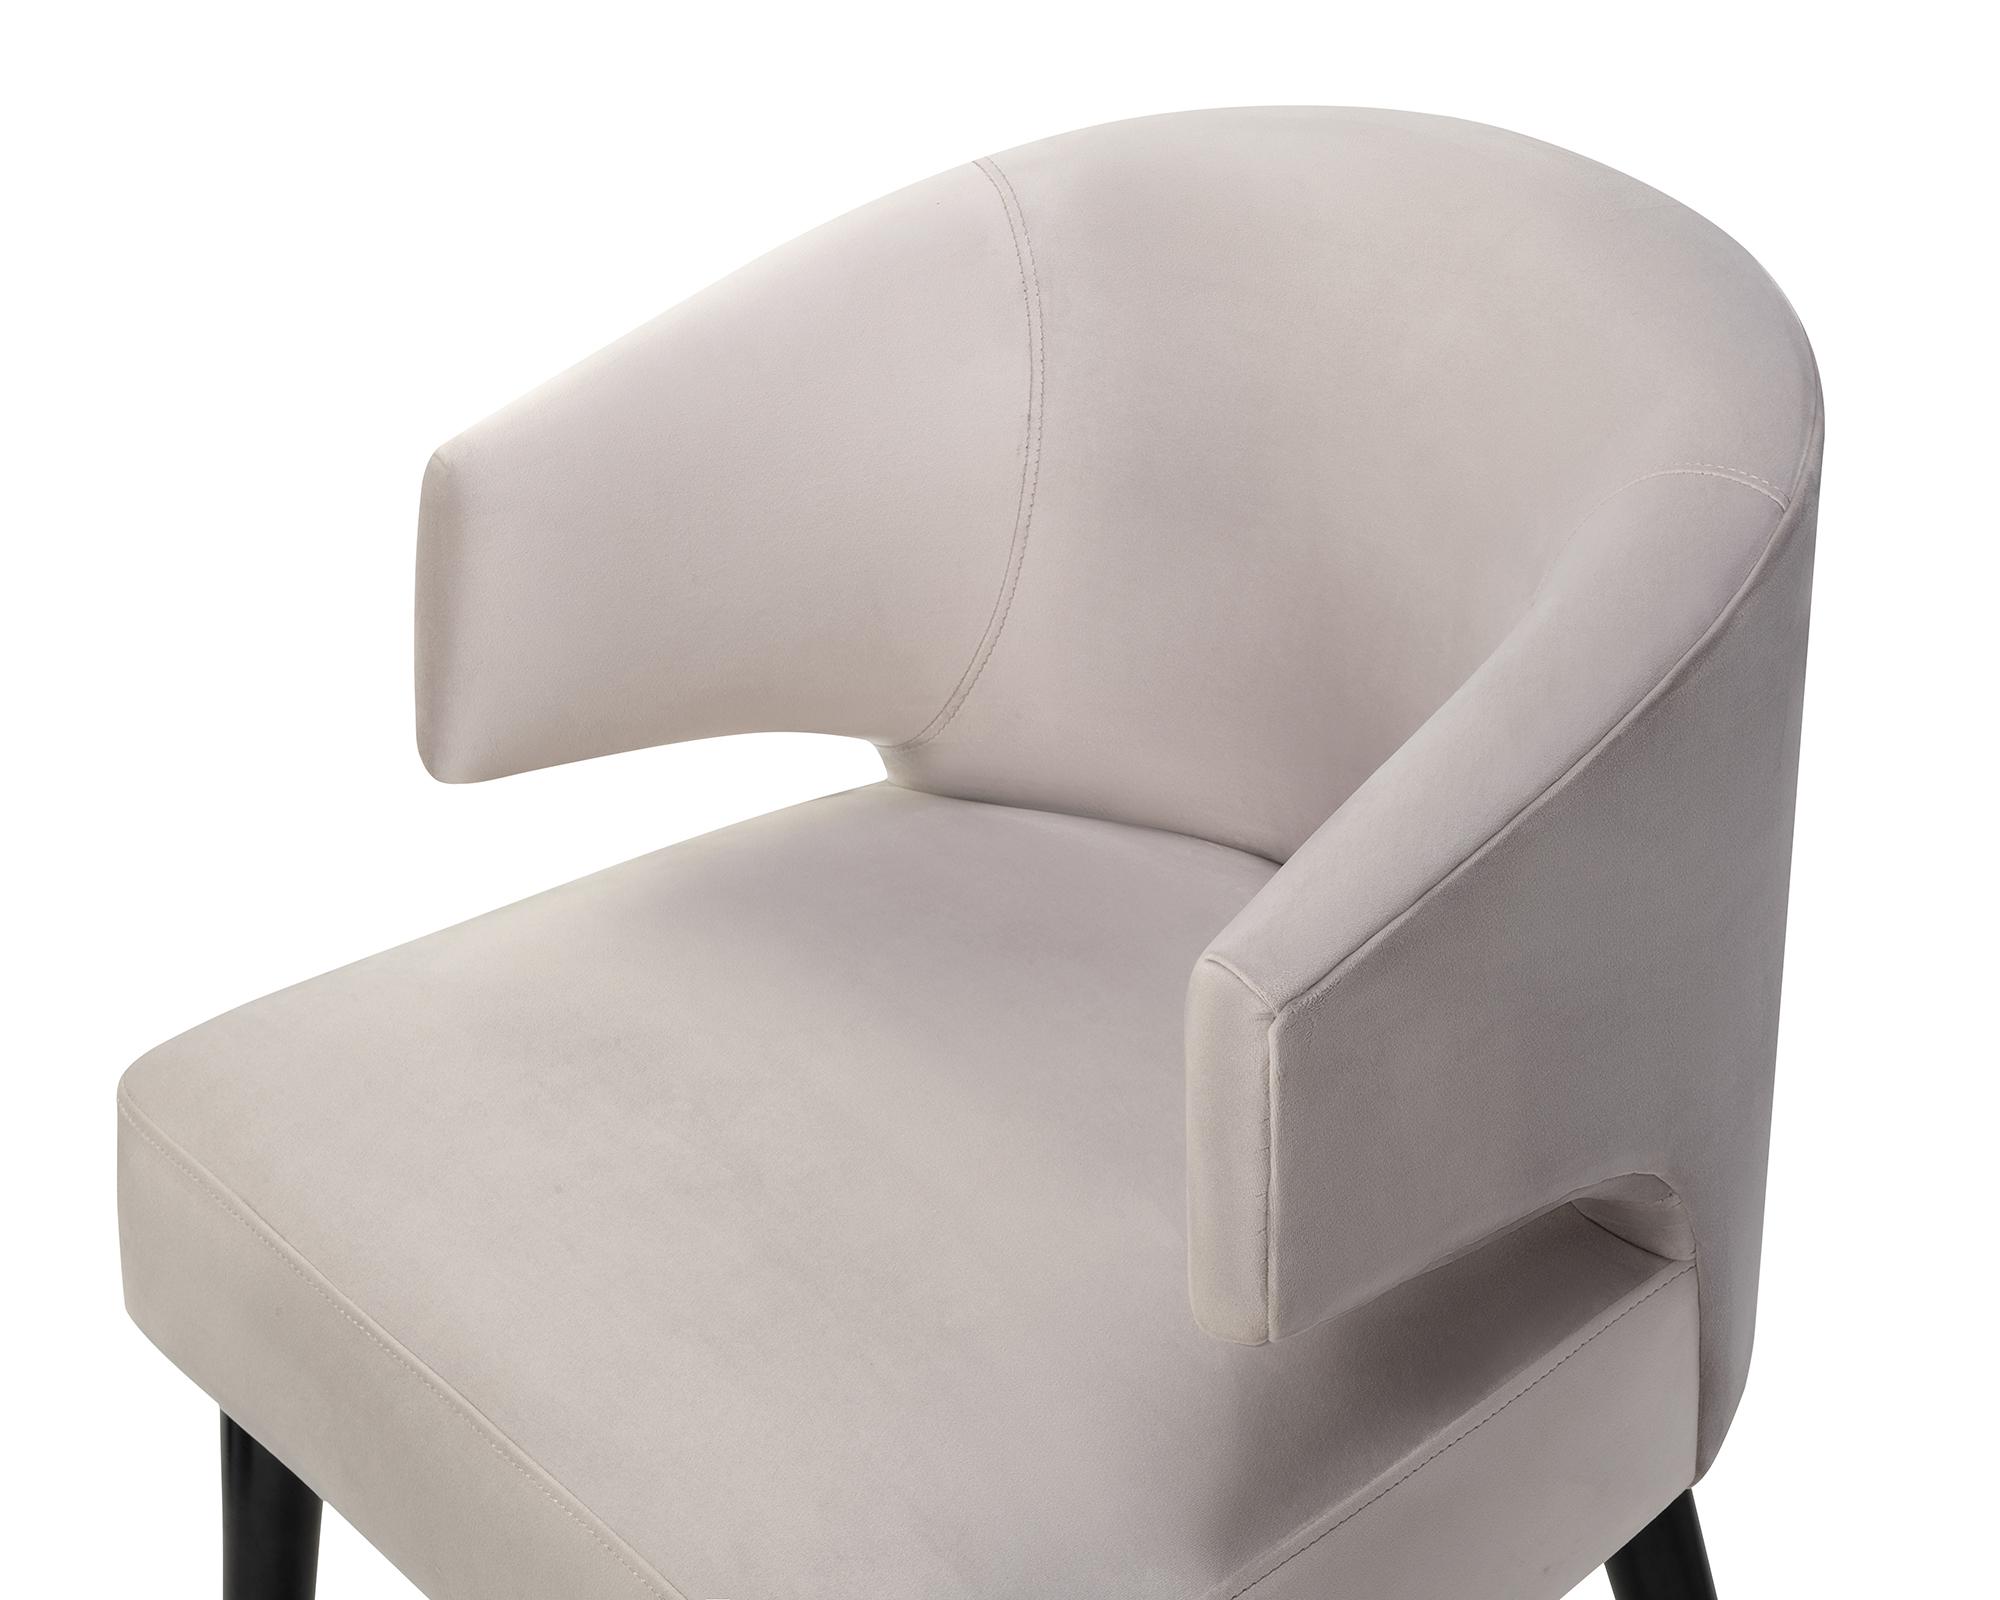 Liang & Eimil Mia Dining Chair Fog Grey Velvet BH-DCH-139 (5)